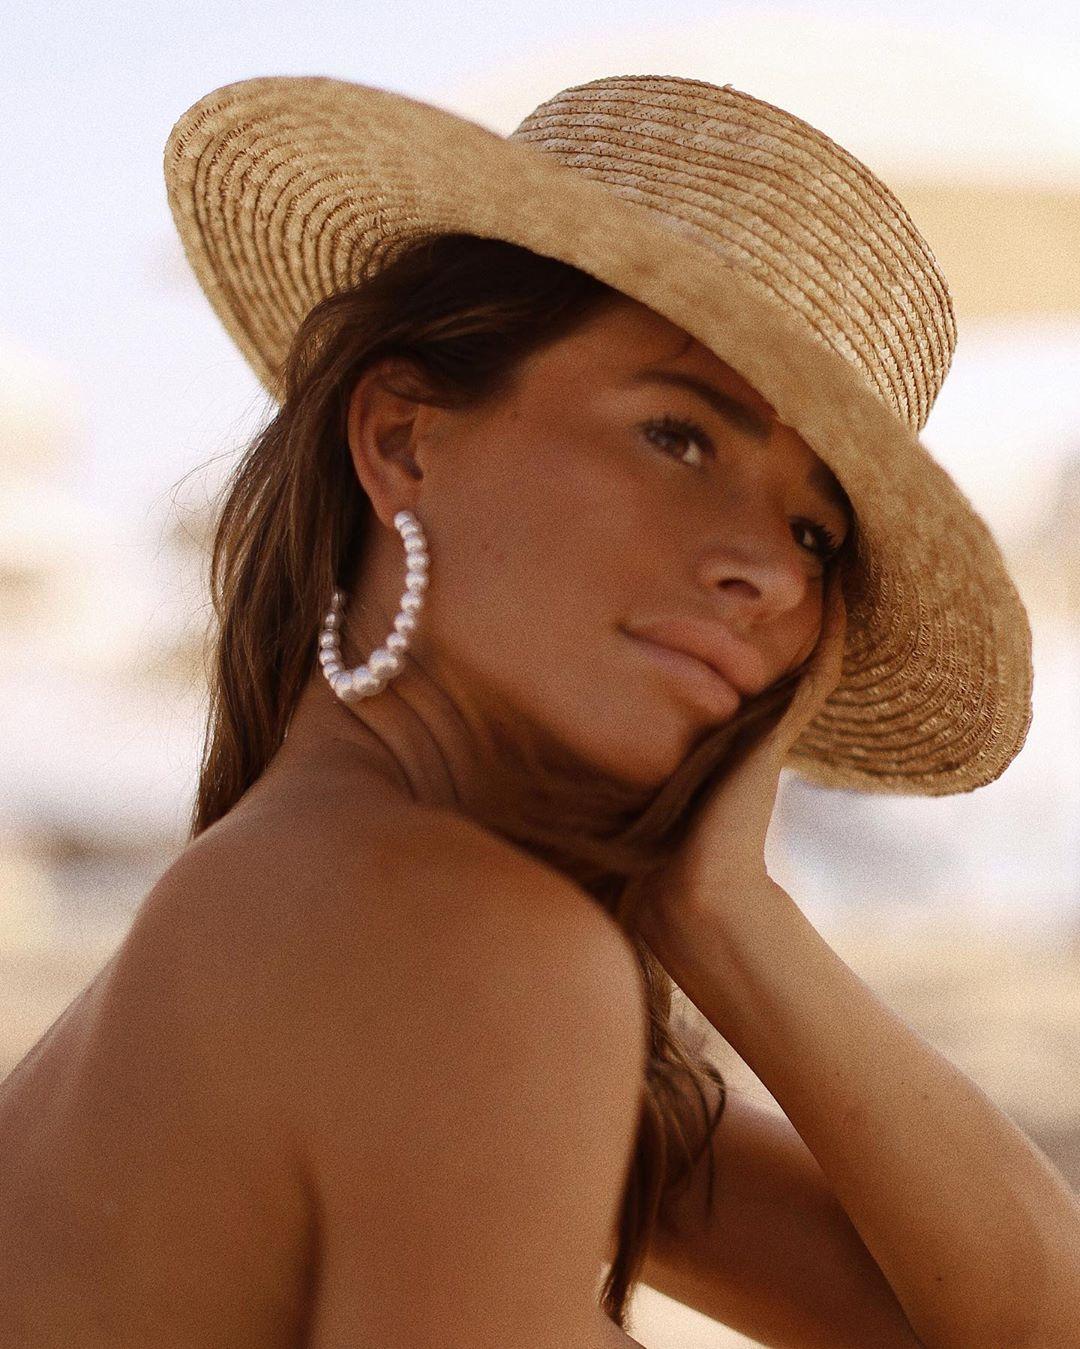 Уход за кожей и макияж в отпуске: практические советы-Фото 1